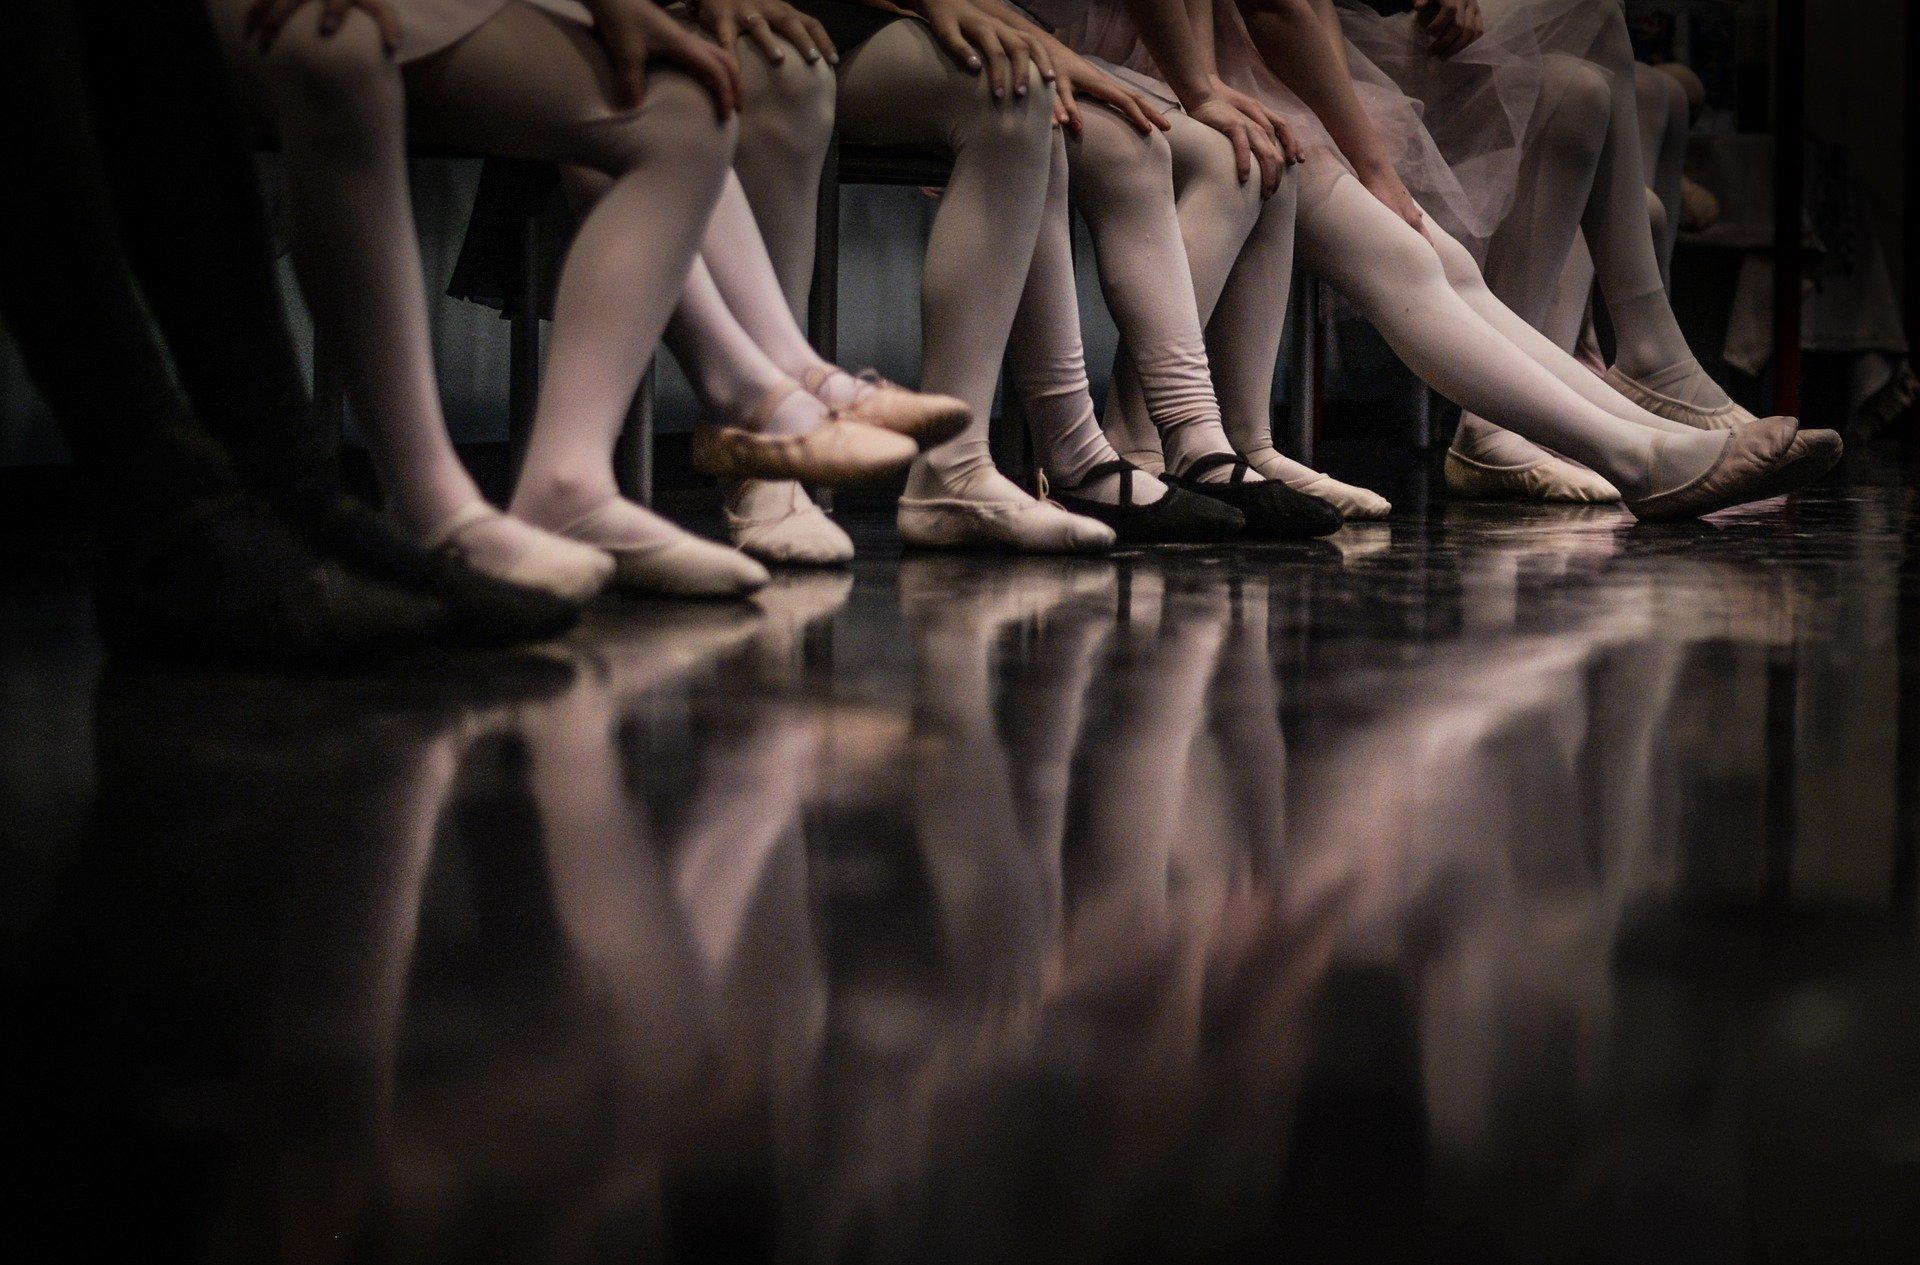 """Wien: Ballettakademie """"ermutigte Kinder zu rauchen, um schlank zu bleiben"""""""